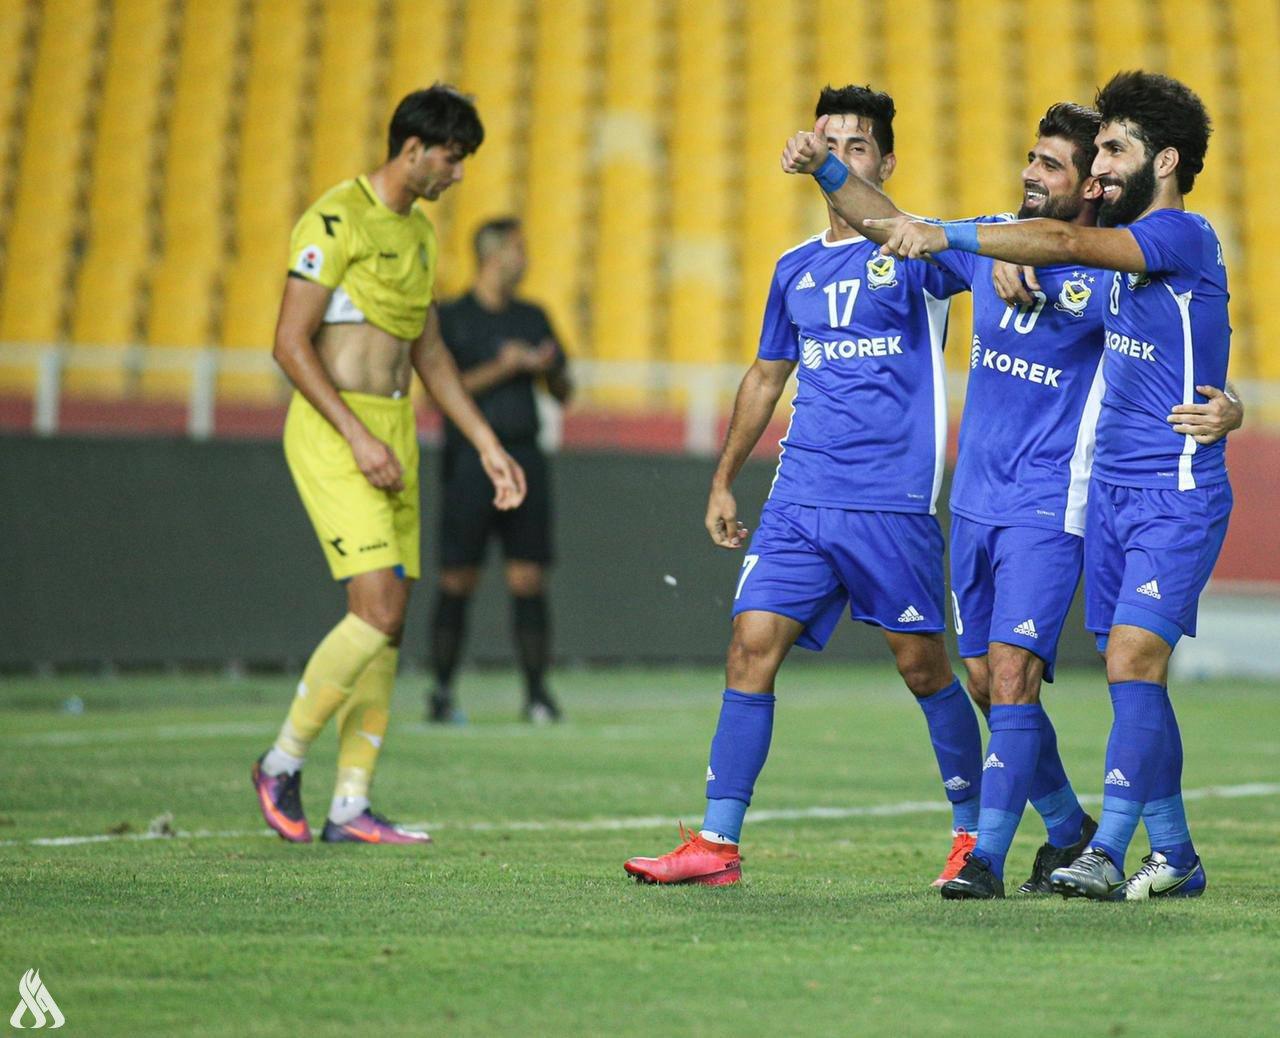 الجوية يهزم الكرخ بثنائية ويبلغ نهائي كأس العراق